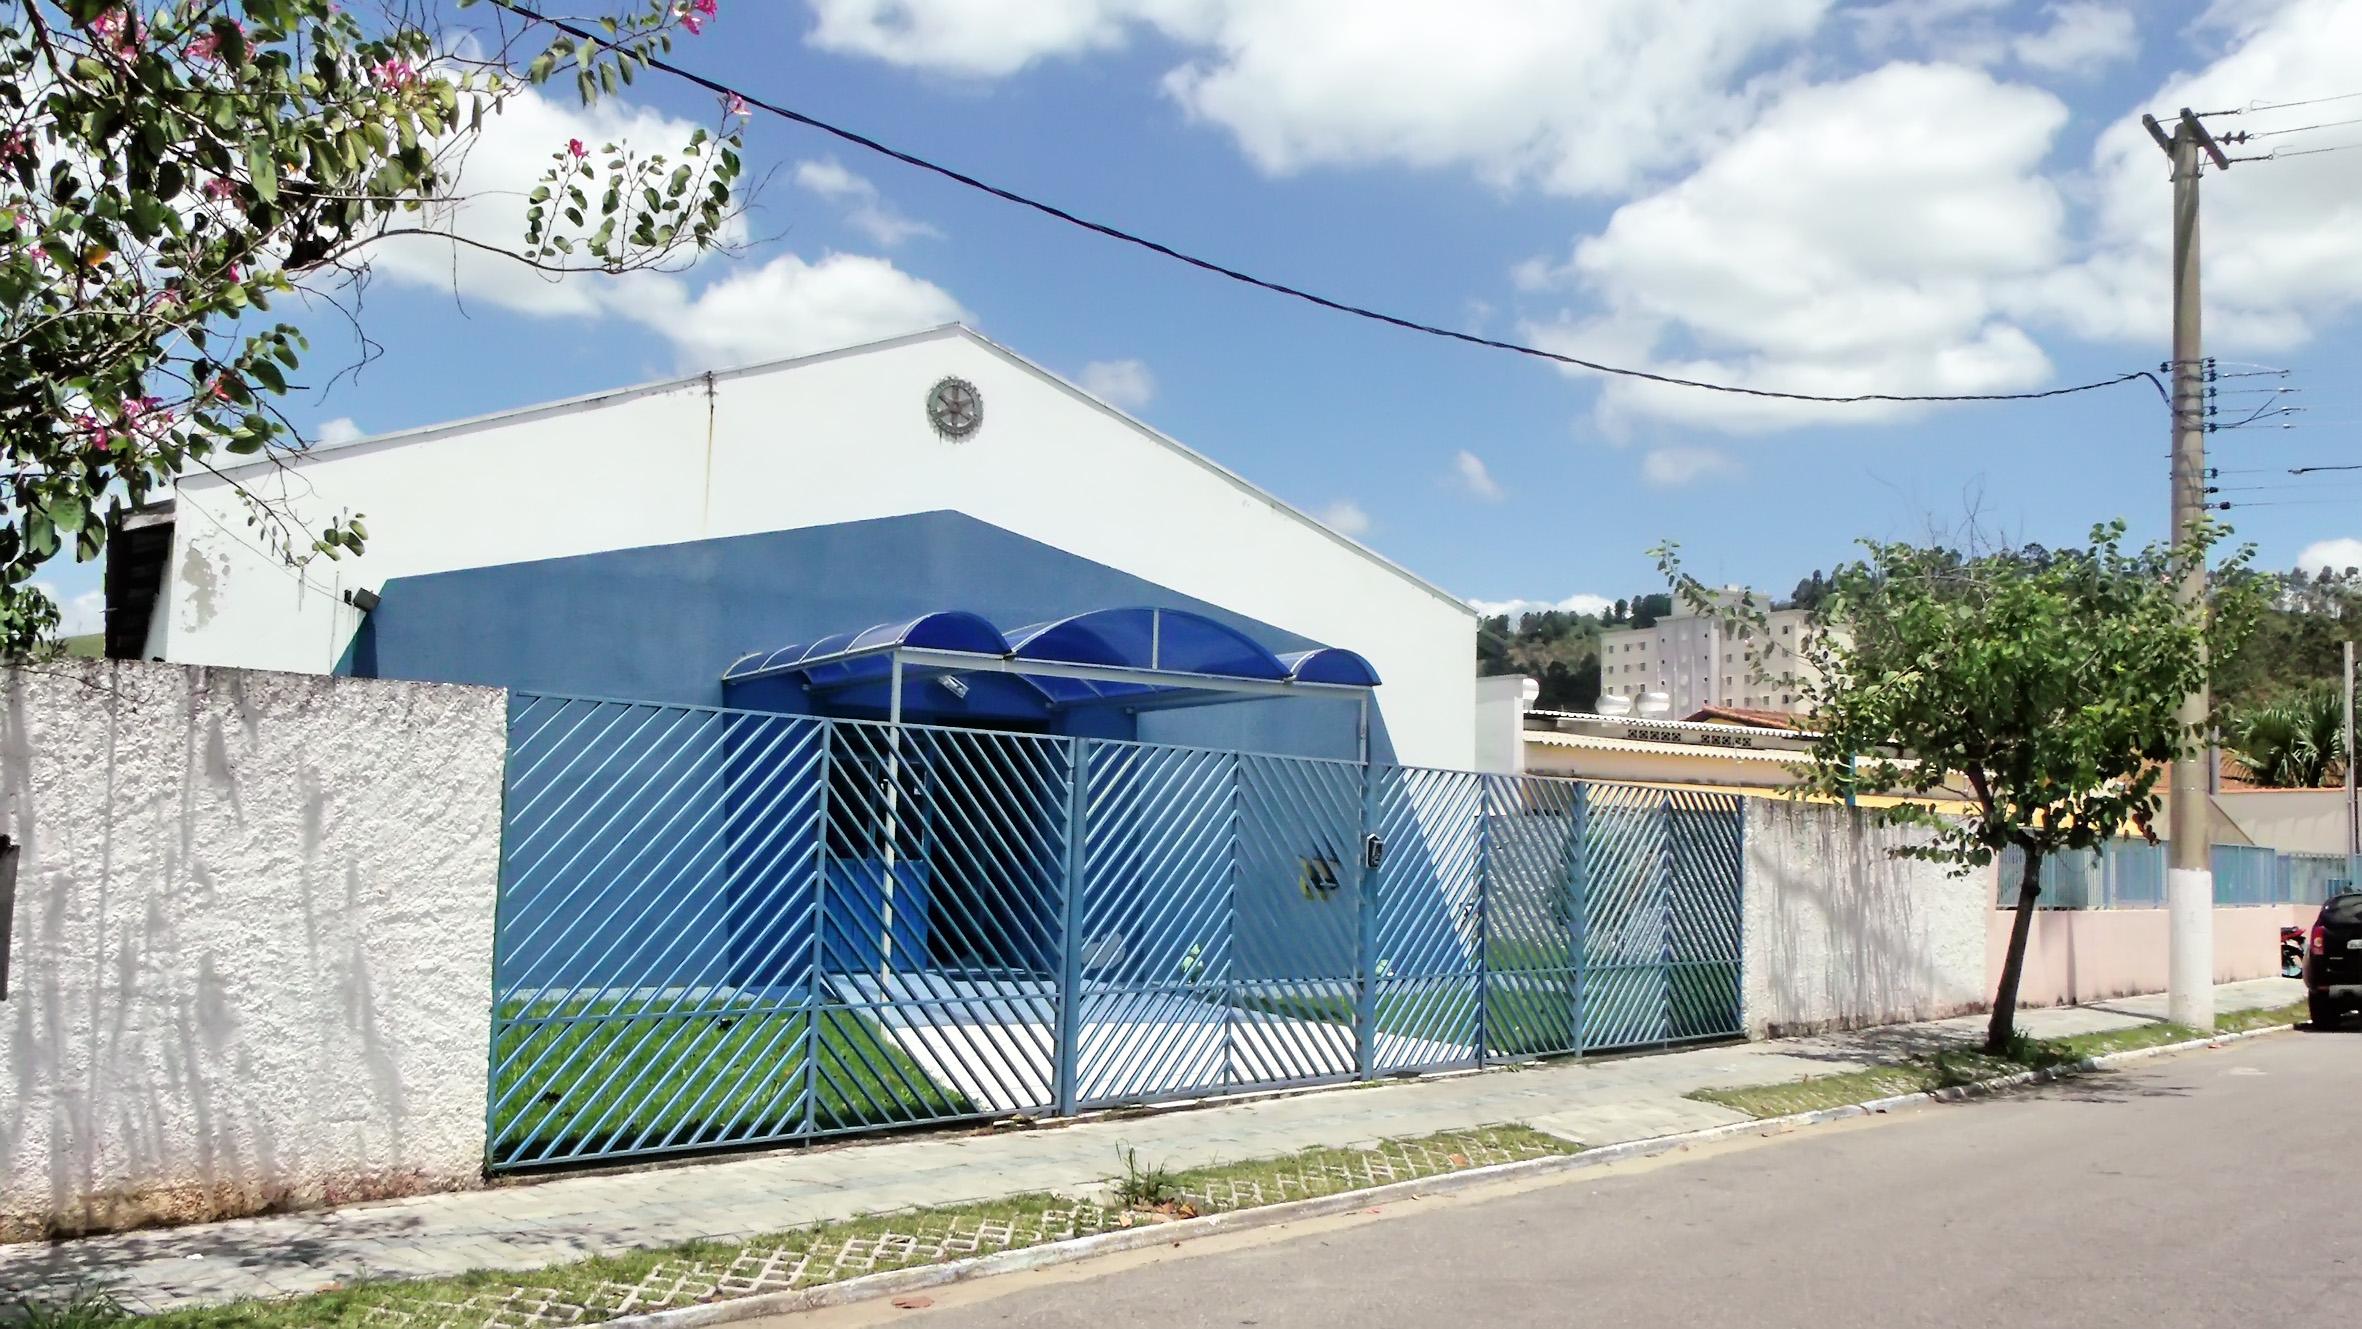 Creche municipal da Santa Terezinha, de onde menino foi levado por engano para outra unidade da rede pública; funcionários não notaram erro (Foto: Rafael Rodrigues)